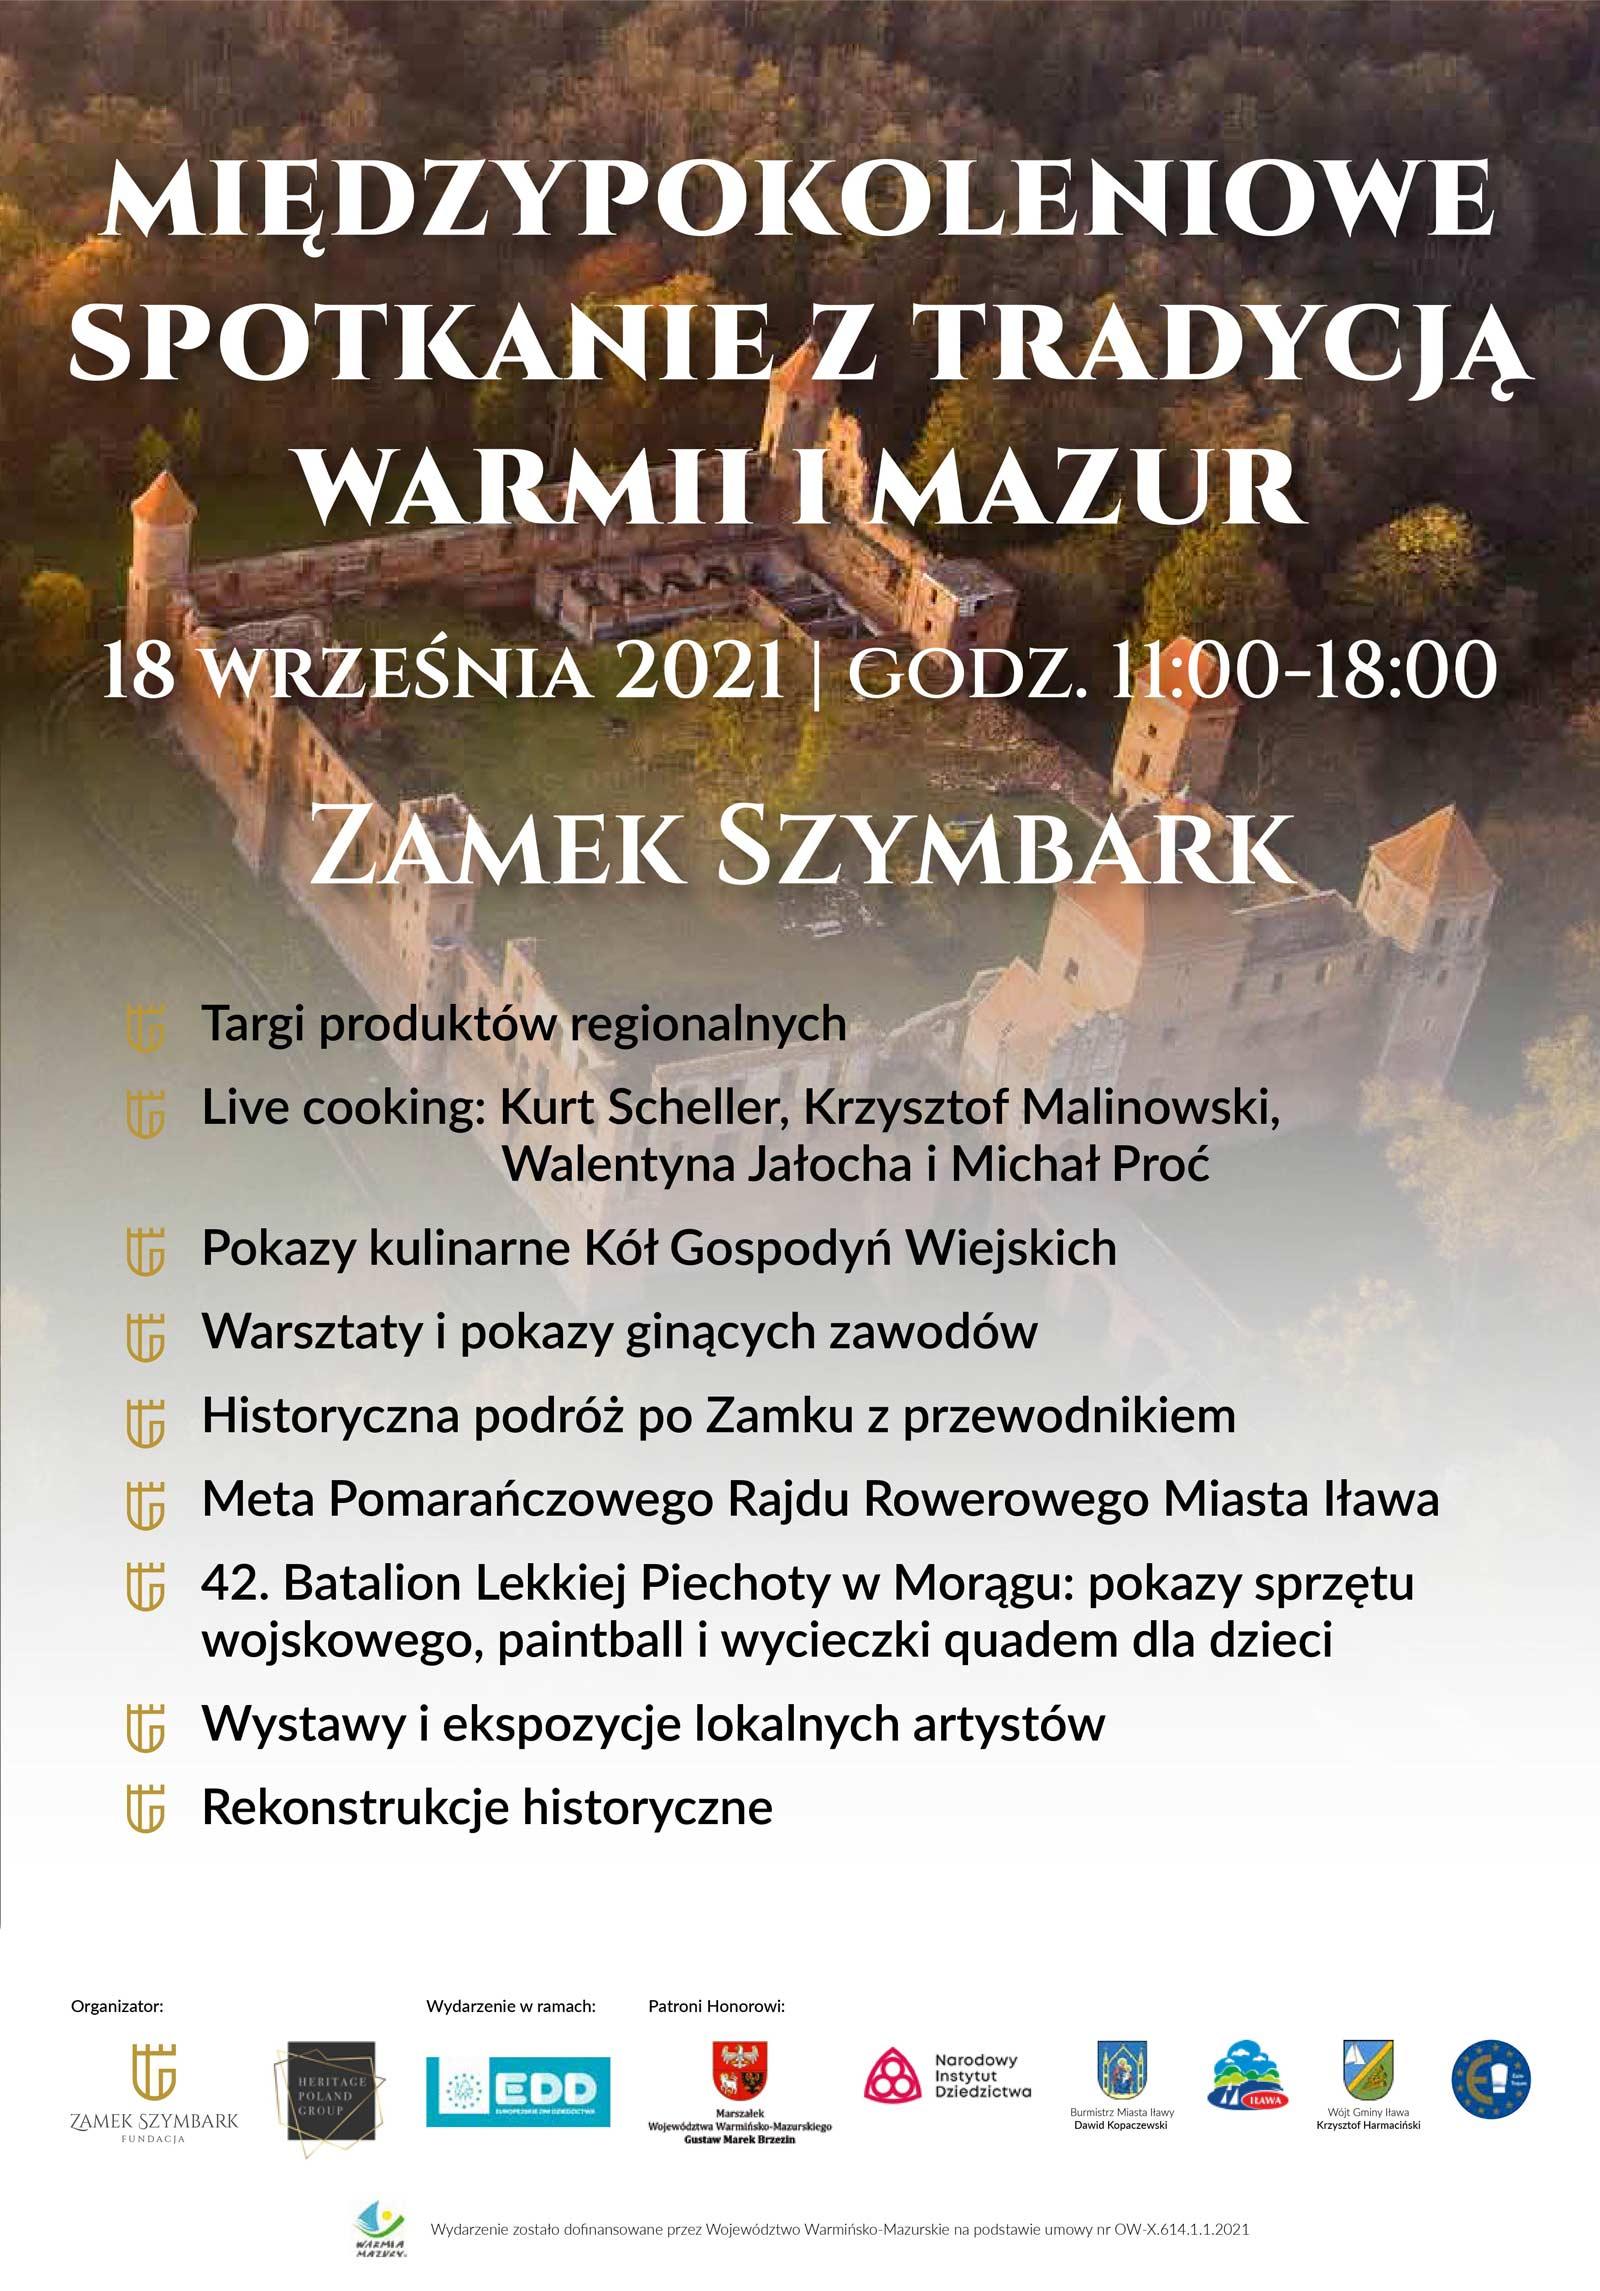 Miedzypokoleniowe Spotkanie Szymbark 2021 EDD